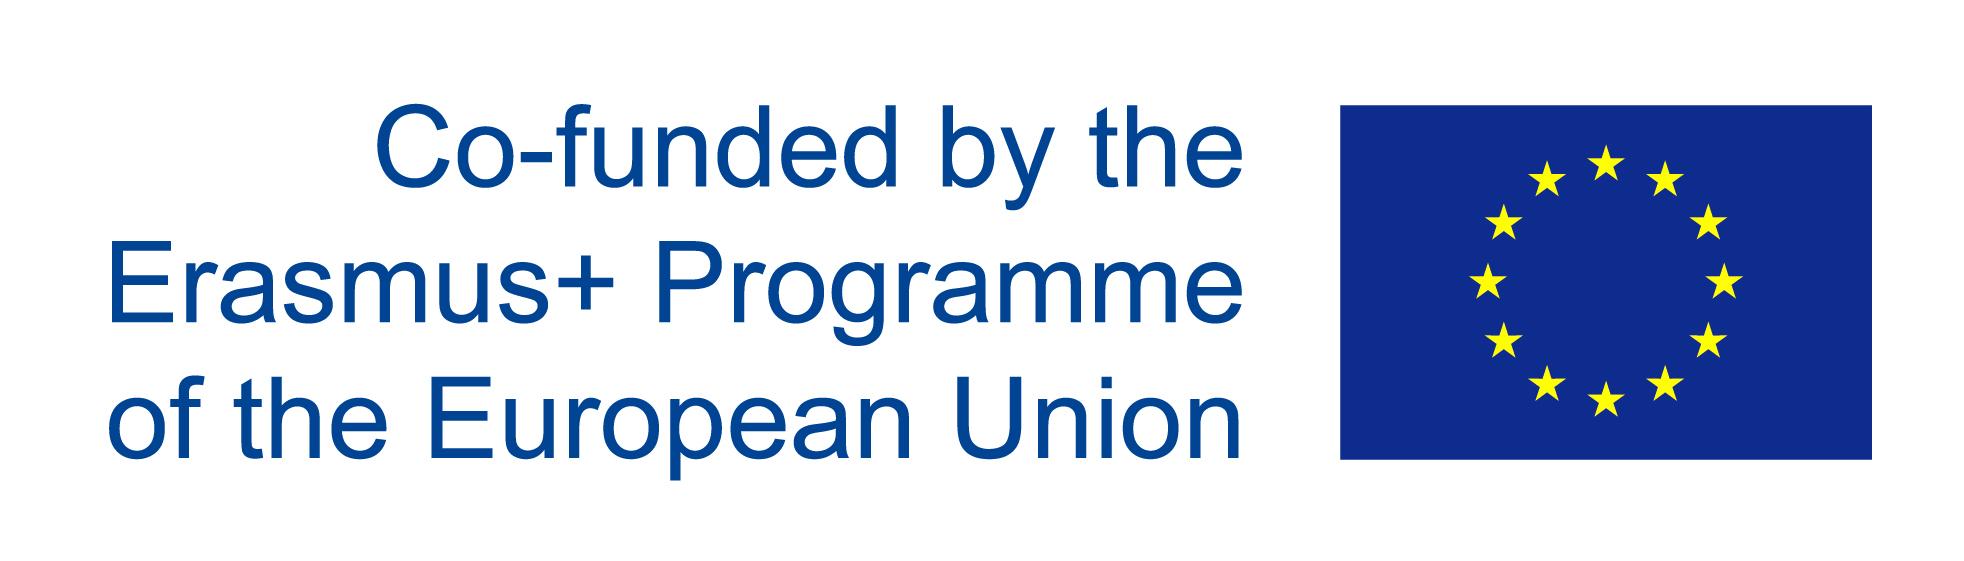 Erasmus + Programme of the European Union